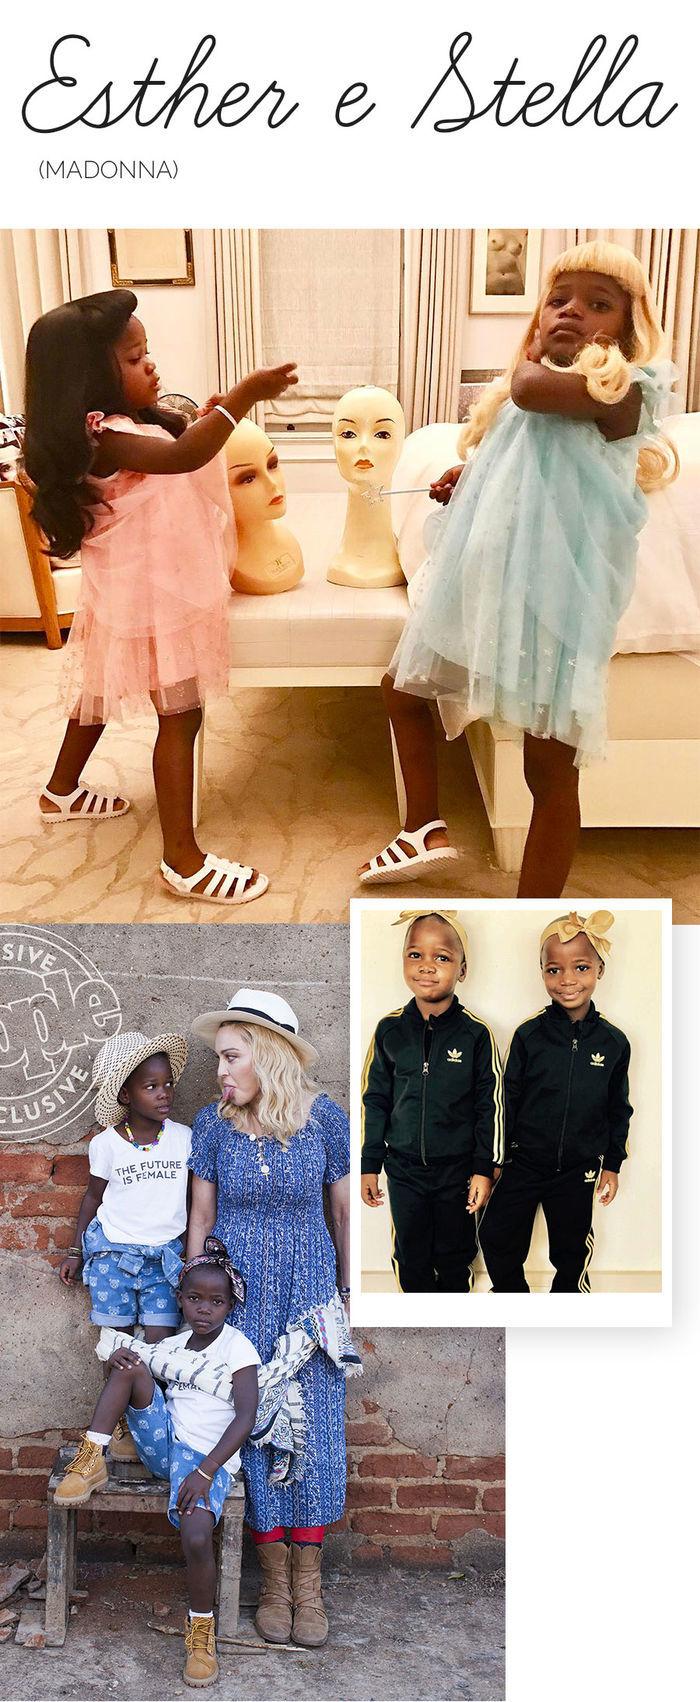 Os filhos mais estilosos das celebs - Esther e Stella - Madonna